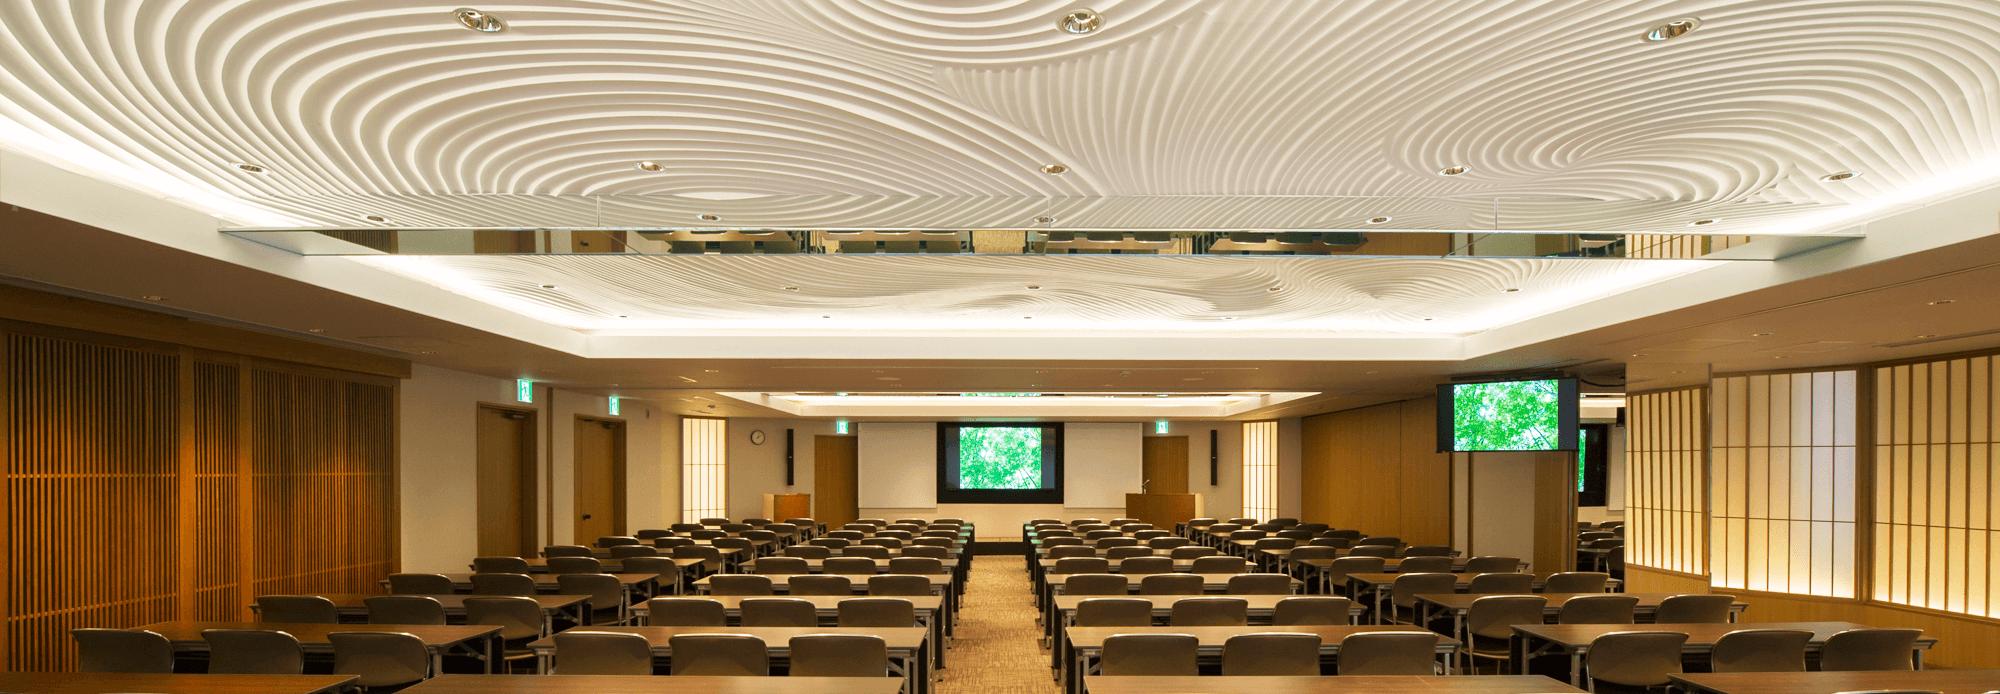 新宿で貸し会議室 貸しホール セミナールームをお探しなら 新宿駅前